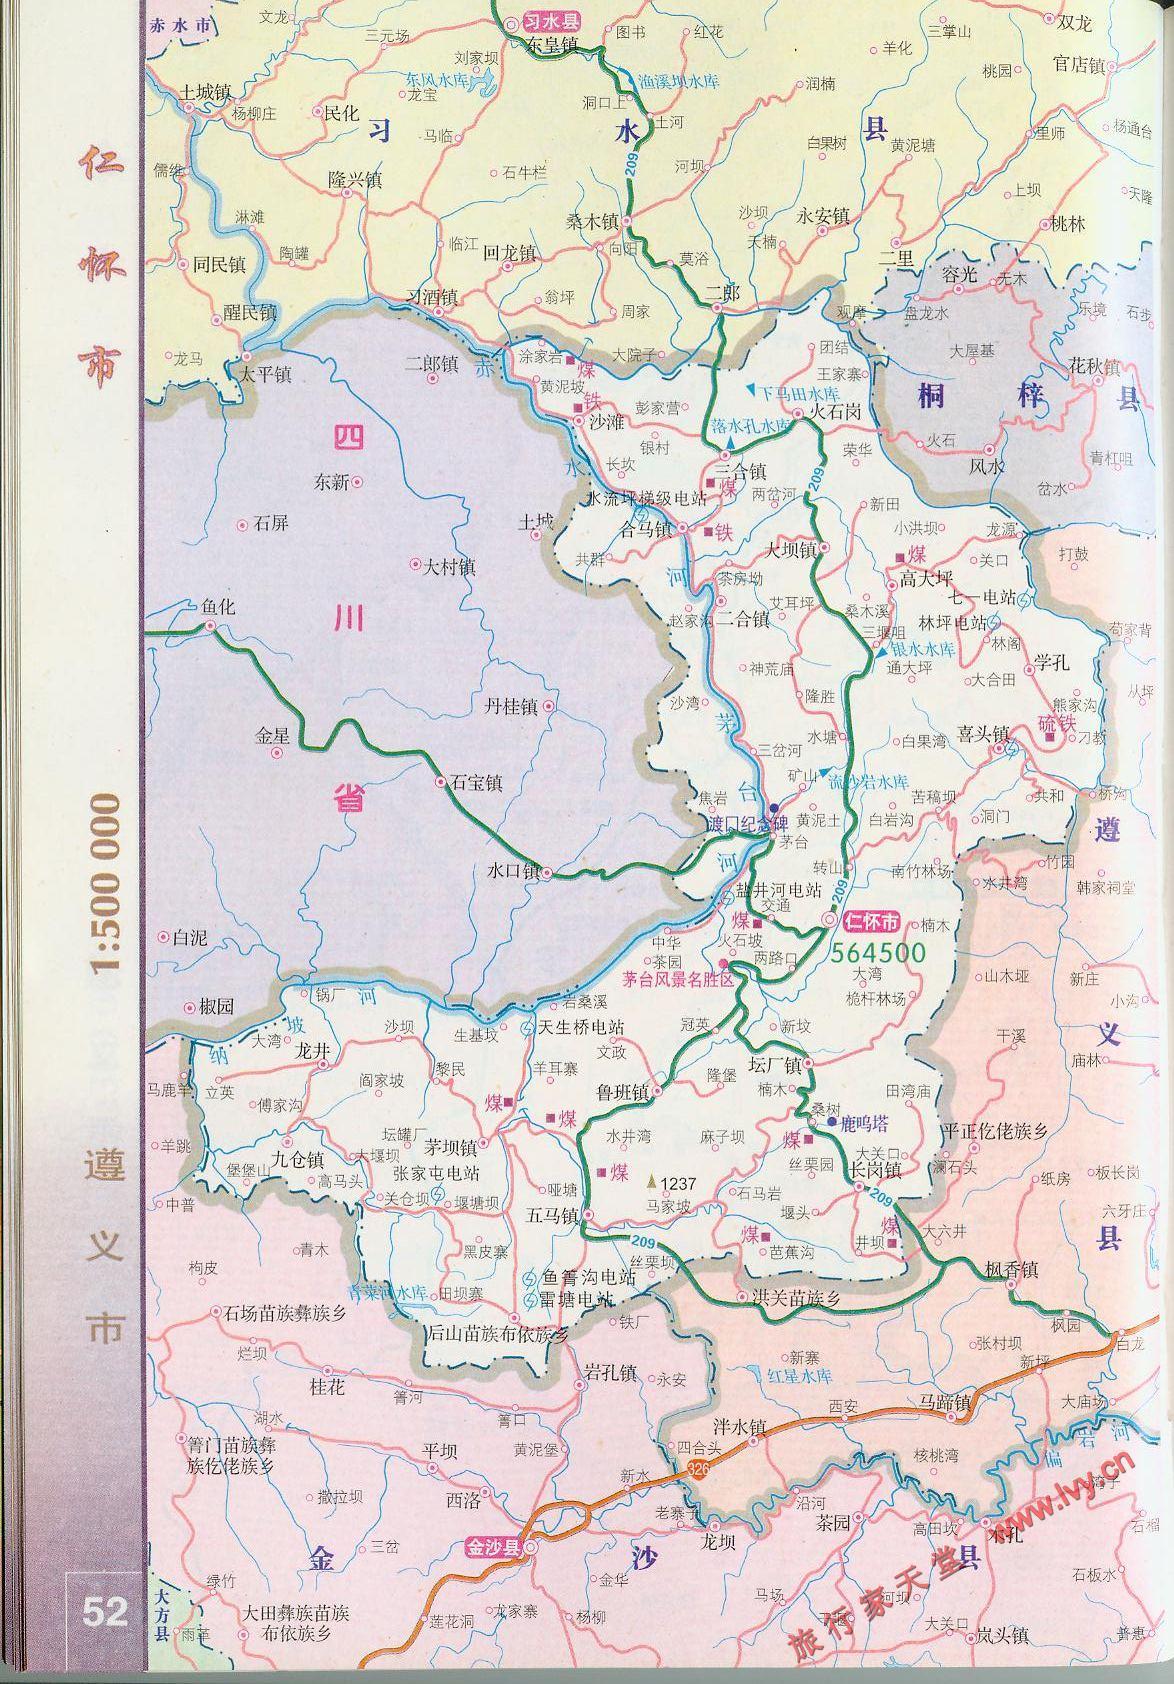 仁怀市地图